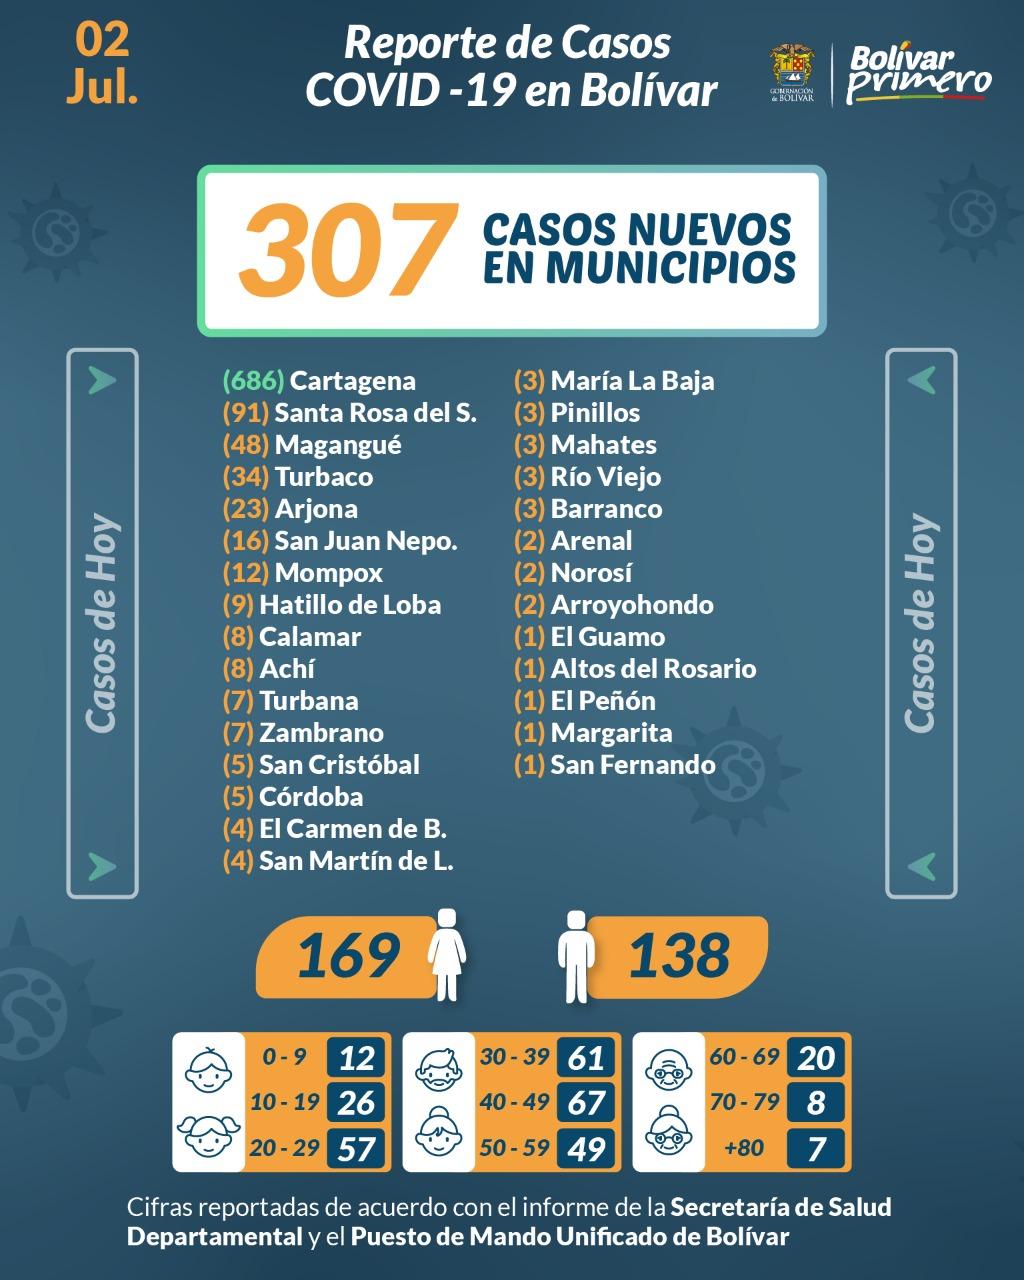 #Covid-19 | 135.664 contagios en Bolívar. - Noticias de Colombia